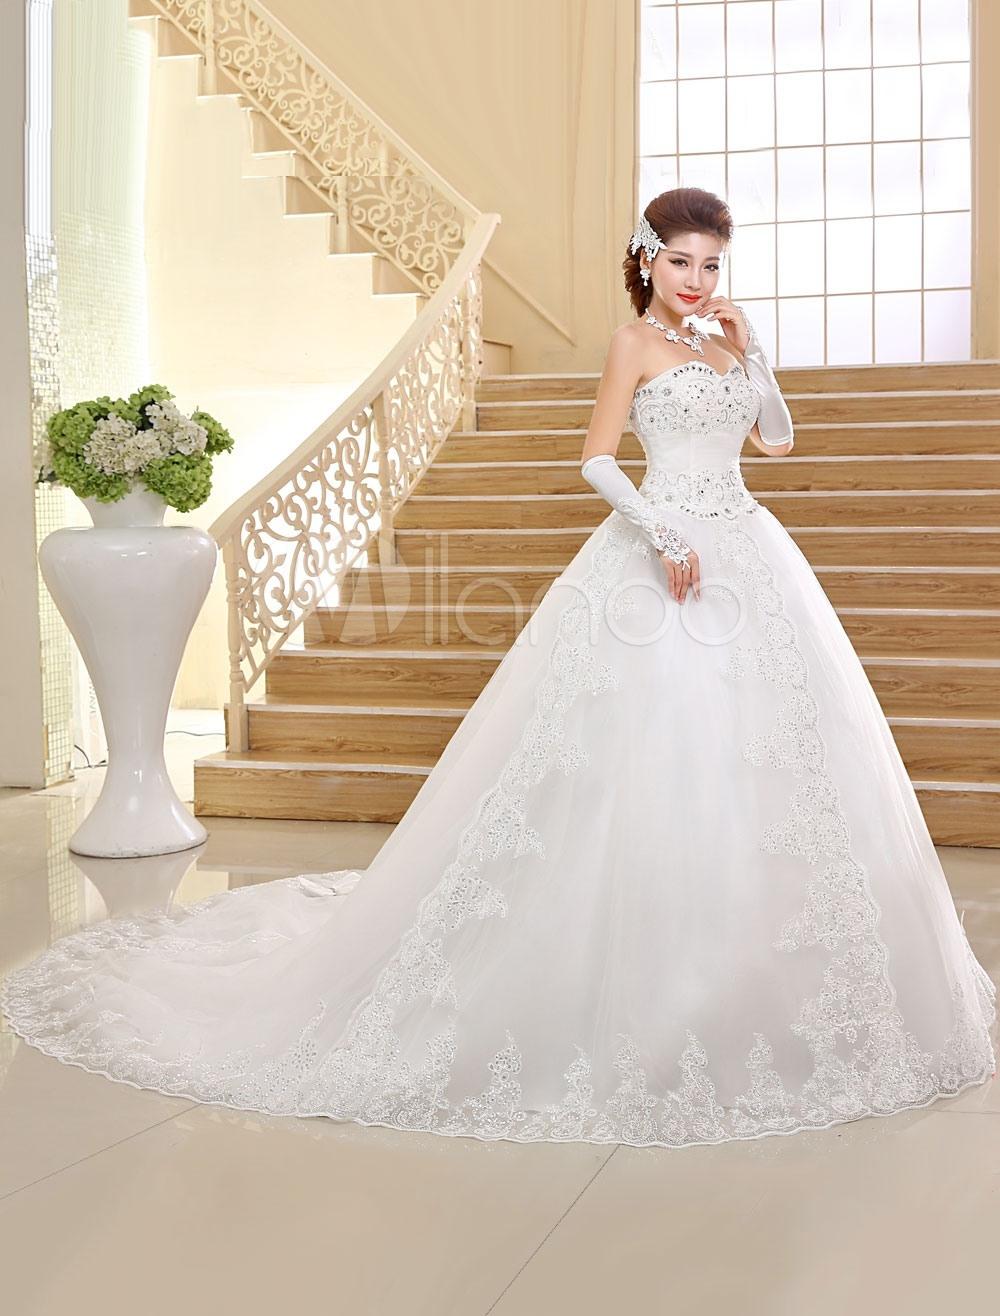 10 Luxurius Brautkleid Mit Schleppe VertriebAbend Schön Brautkleid Mit Schleppe Stylish